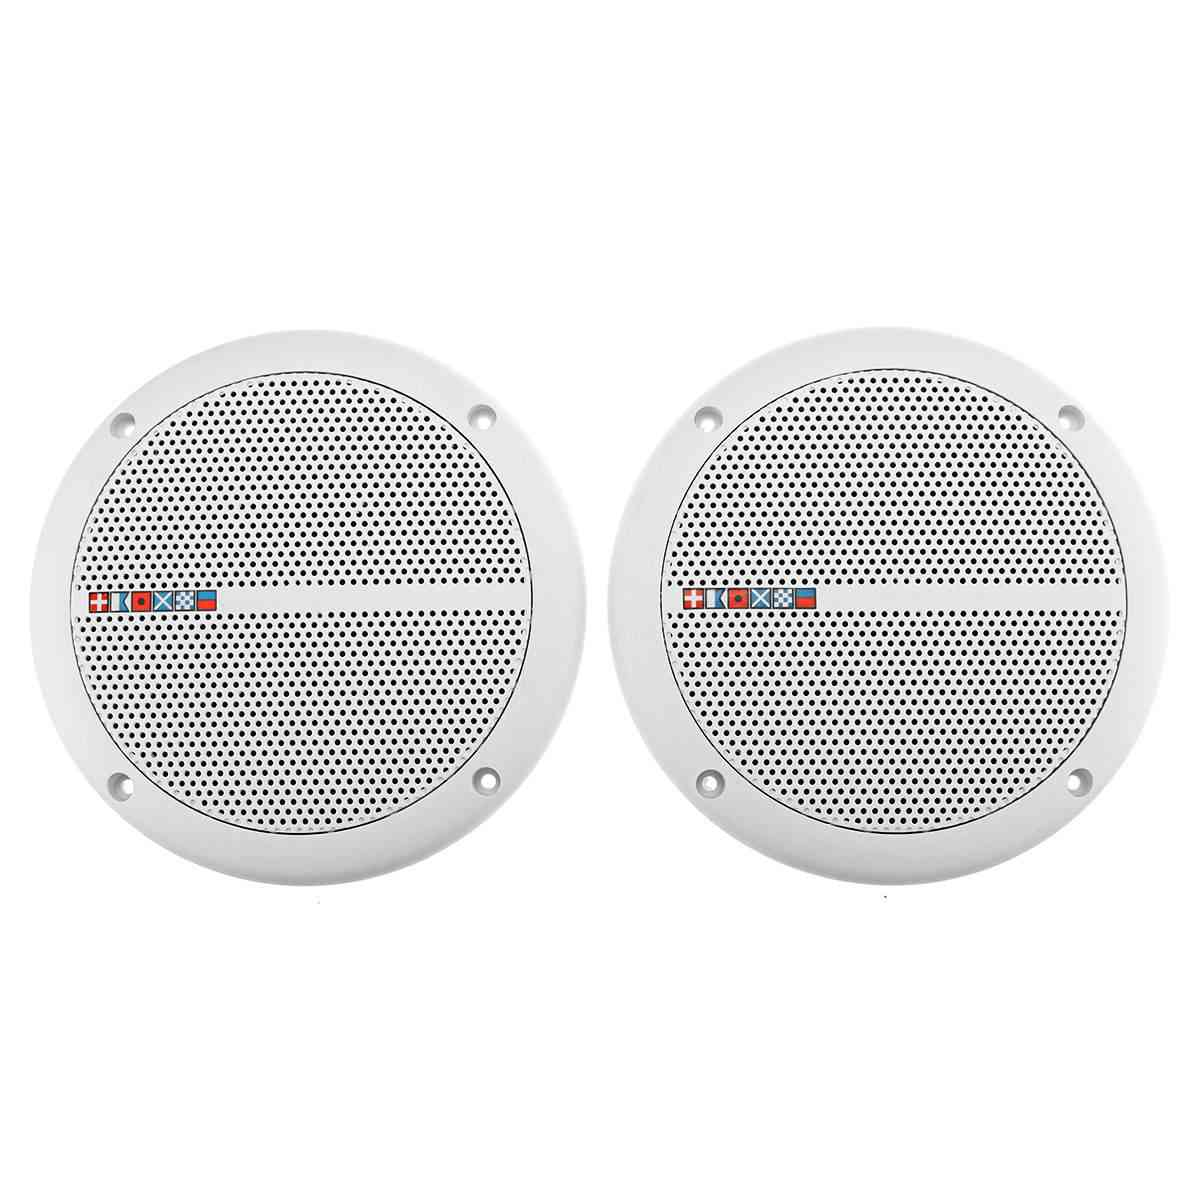 Waterproof Ceiling Speaker Syatems -2-way Flush Mount  Loundspeaker Amplifier